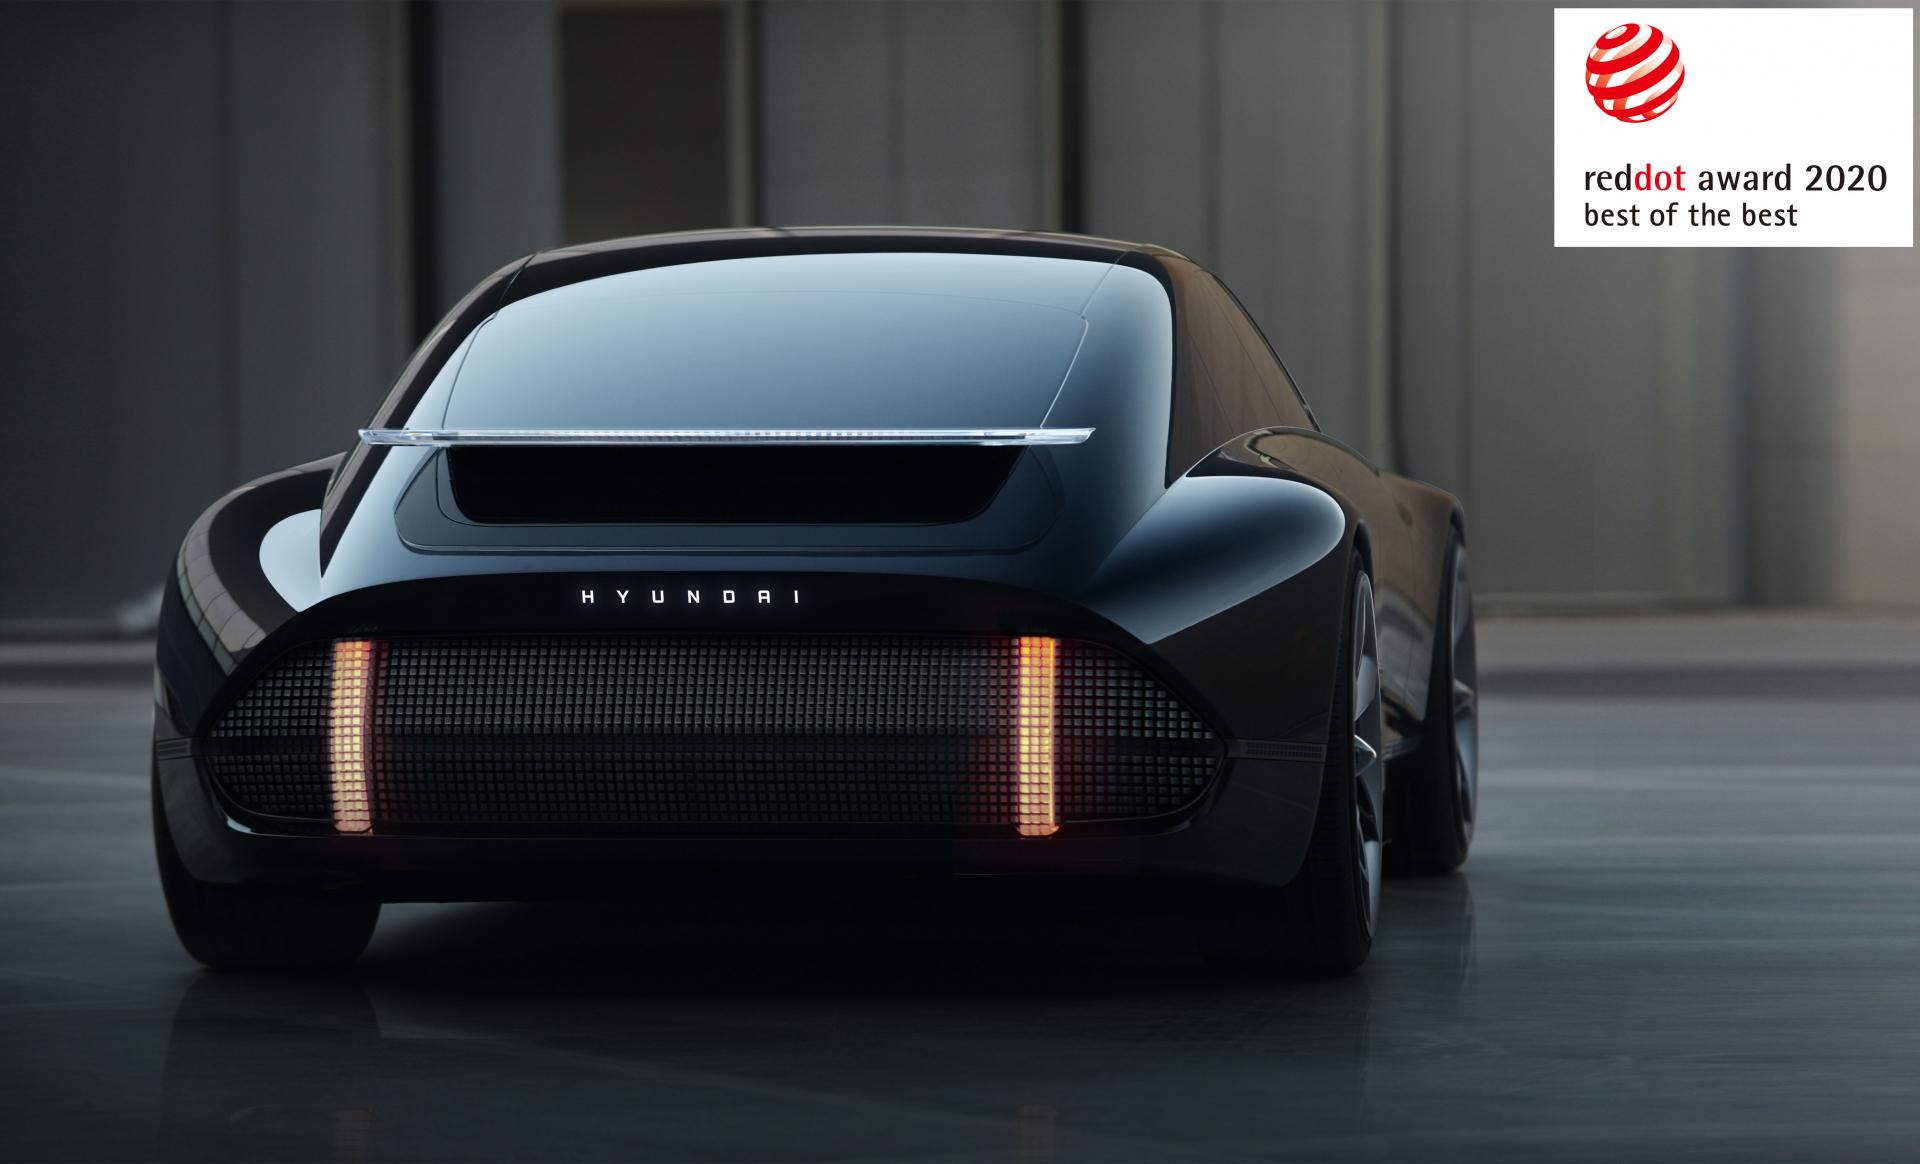 Компанія Hyundai Motor отримала три нагороди Red Dot Award 2020 за концептуальний дизайн | Фрунзе-Авто - фото 13